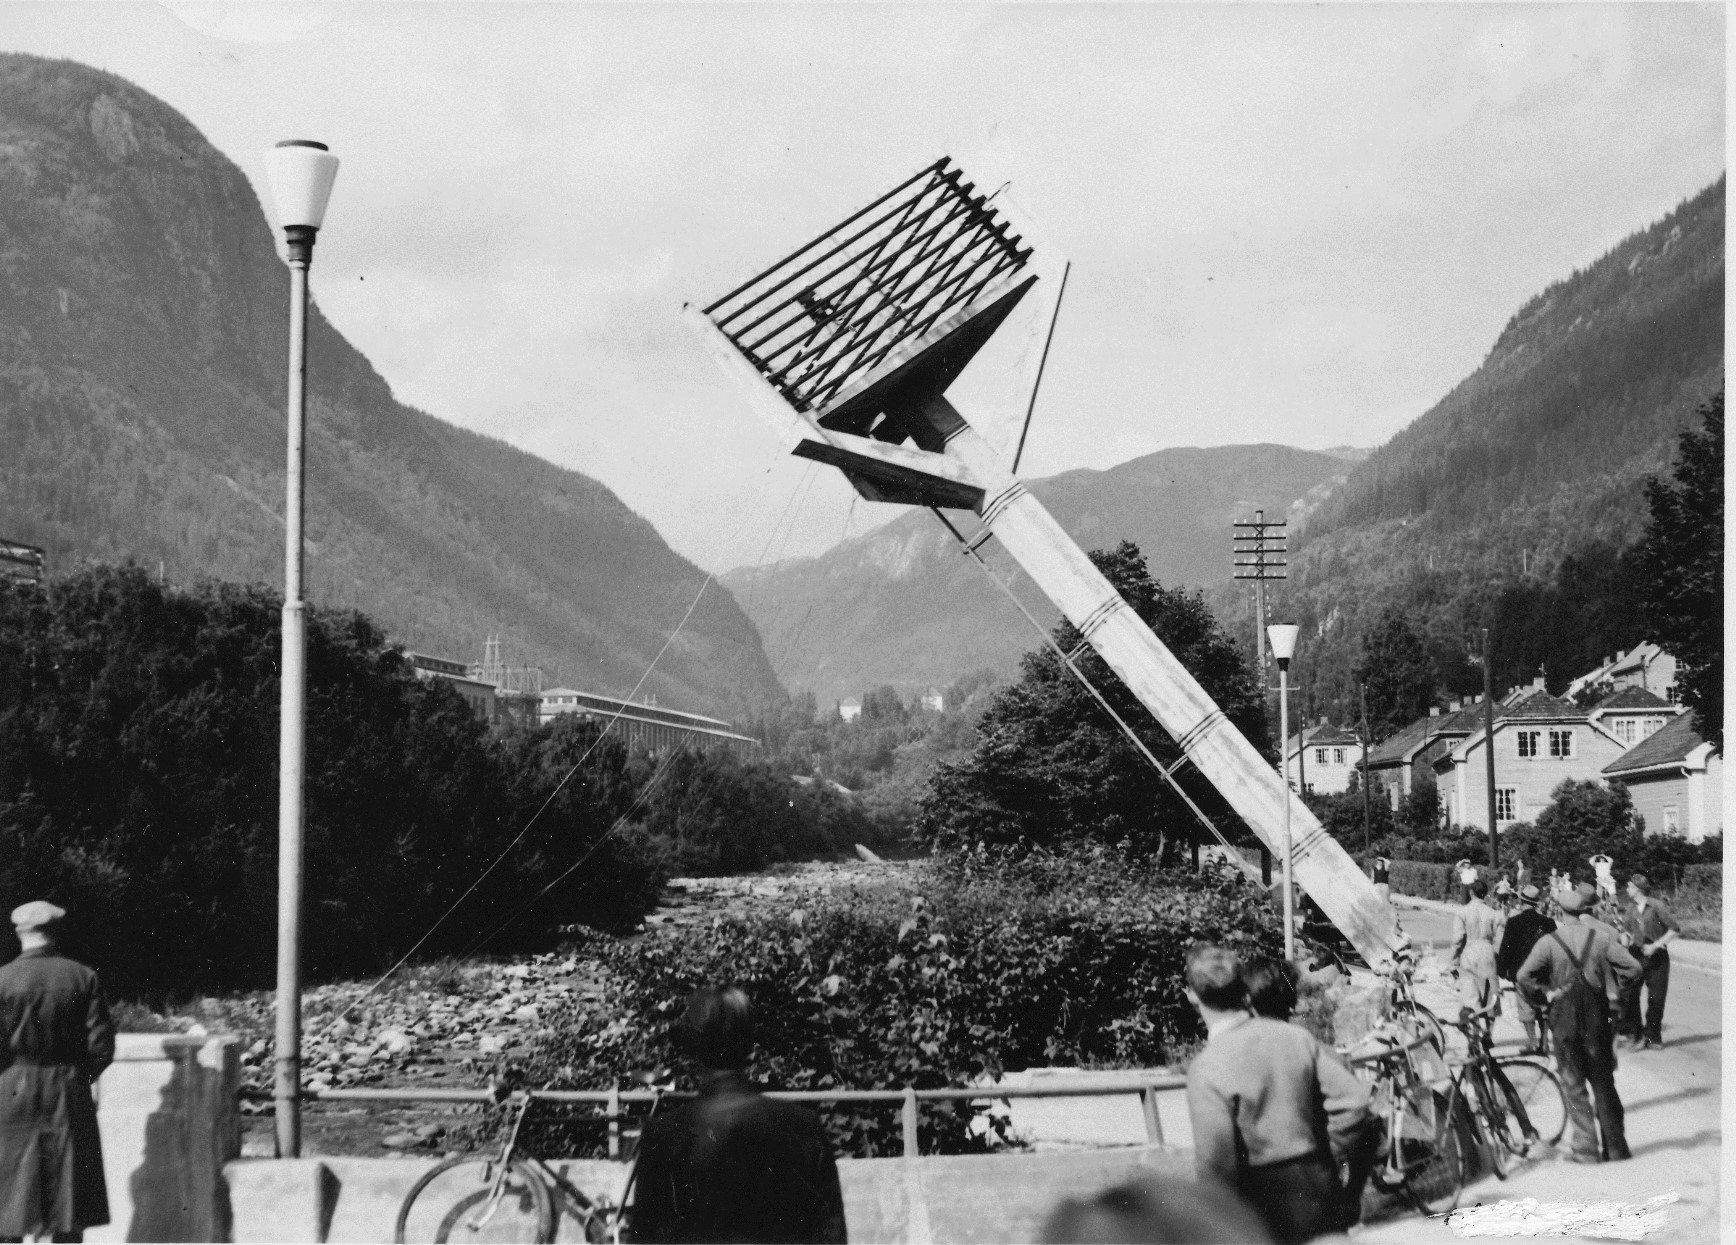 Kreugermast. Tre slike master ble satt opp på Rjukan. Ivar Kreuger var mannen bak disse,  han ble senere fengslet for bedrageri.